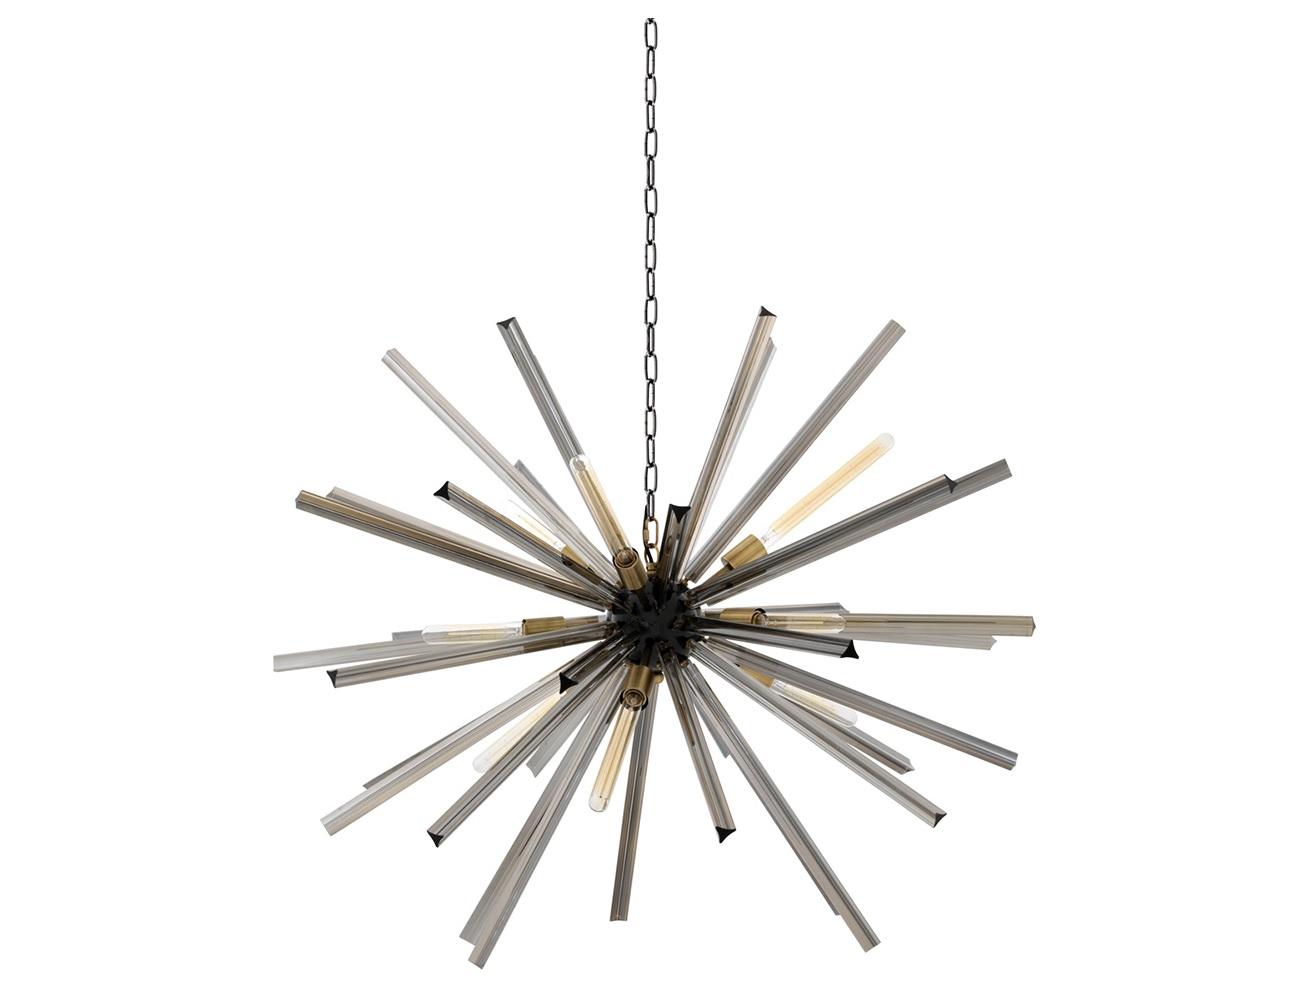 Подвесной светильник EqualizerПодвесные светильники<br>Подвесной светильник Chandelier Equalizer L с оригинальным дизайном выполнен из металла черного цвета с элементами цвета латунь. Декорирован колбочками из стекла дымчатого цвета. Высота светильника регулируется за счет звеньев цепи.&amp;lt;div&amp;gt;&amp;lt;br&amp;gt;&amp;lt;/div&amp;gt;&amp;lt;div&amp;gt;&amp;lt;div&amp;gt;&amp;lt;div&amp;gt;Вид цоколя: E27&amp;lt;/div&amp;gt;&amp;lt;div&amp;gt;Мощность лампы: 40W&amp;lt;/div&amp;gt;&amp;lt;div&amp;gt;Количество ламп: 9&amp;lt;/div&amp;gt;&amp;lt;/div&amp;gt;&amp;lt;div&amp;gt;&amp;lt;br&amp;gt;&amp;lt;/div&amp;gt;&amp;lt;div&amp;gt;Лампочки в комплект не входят.&amp;lt;/div&amp;gt;&amp;lt;/div&amp;gt;<br><br>Material: Металл<br>Ширина см: 120<br>Высота см: 120<br>Глубина см: 120